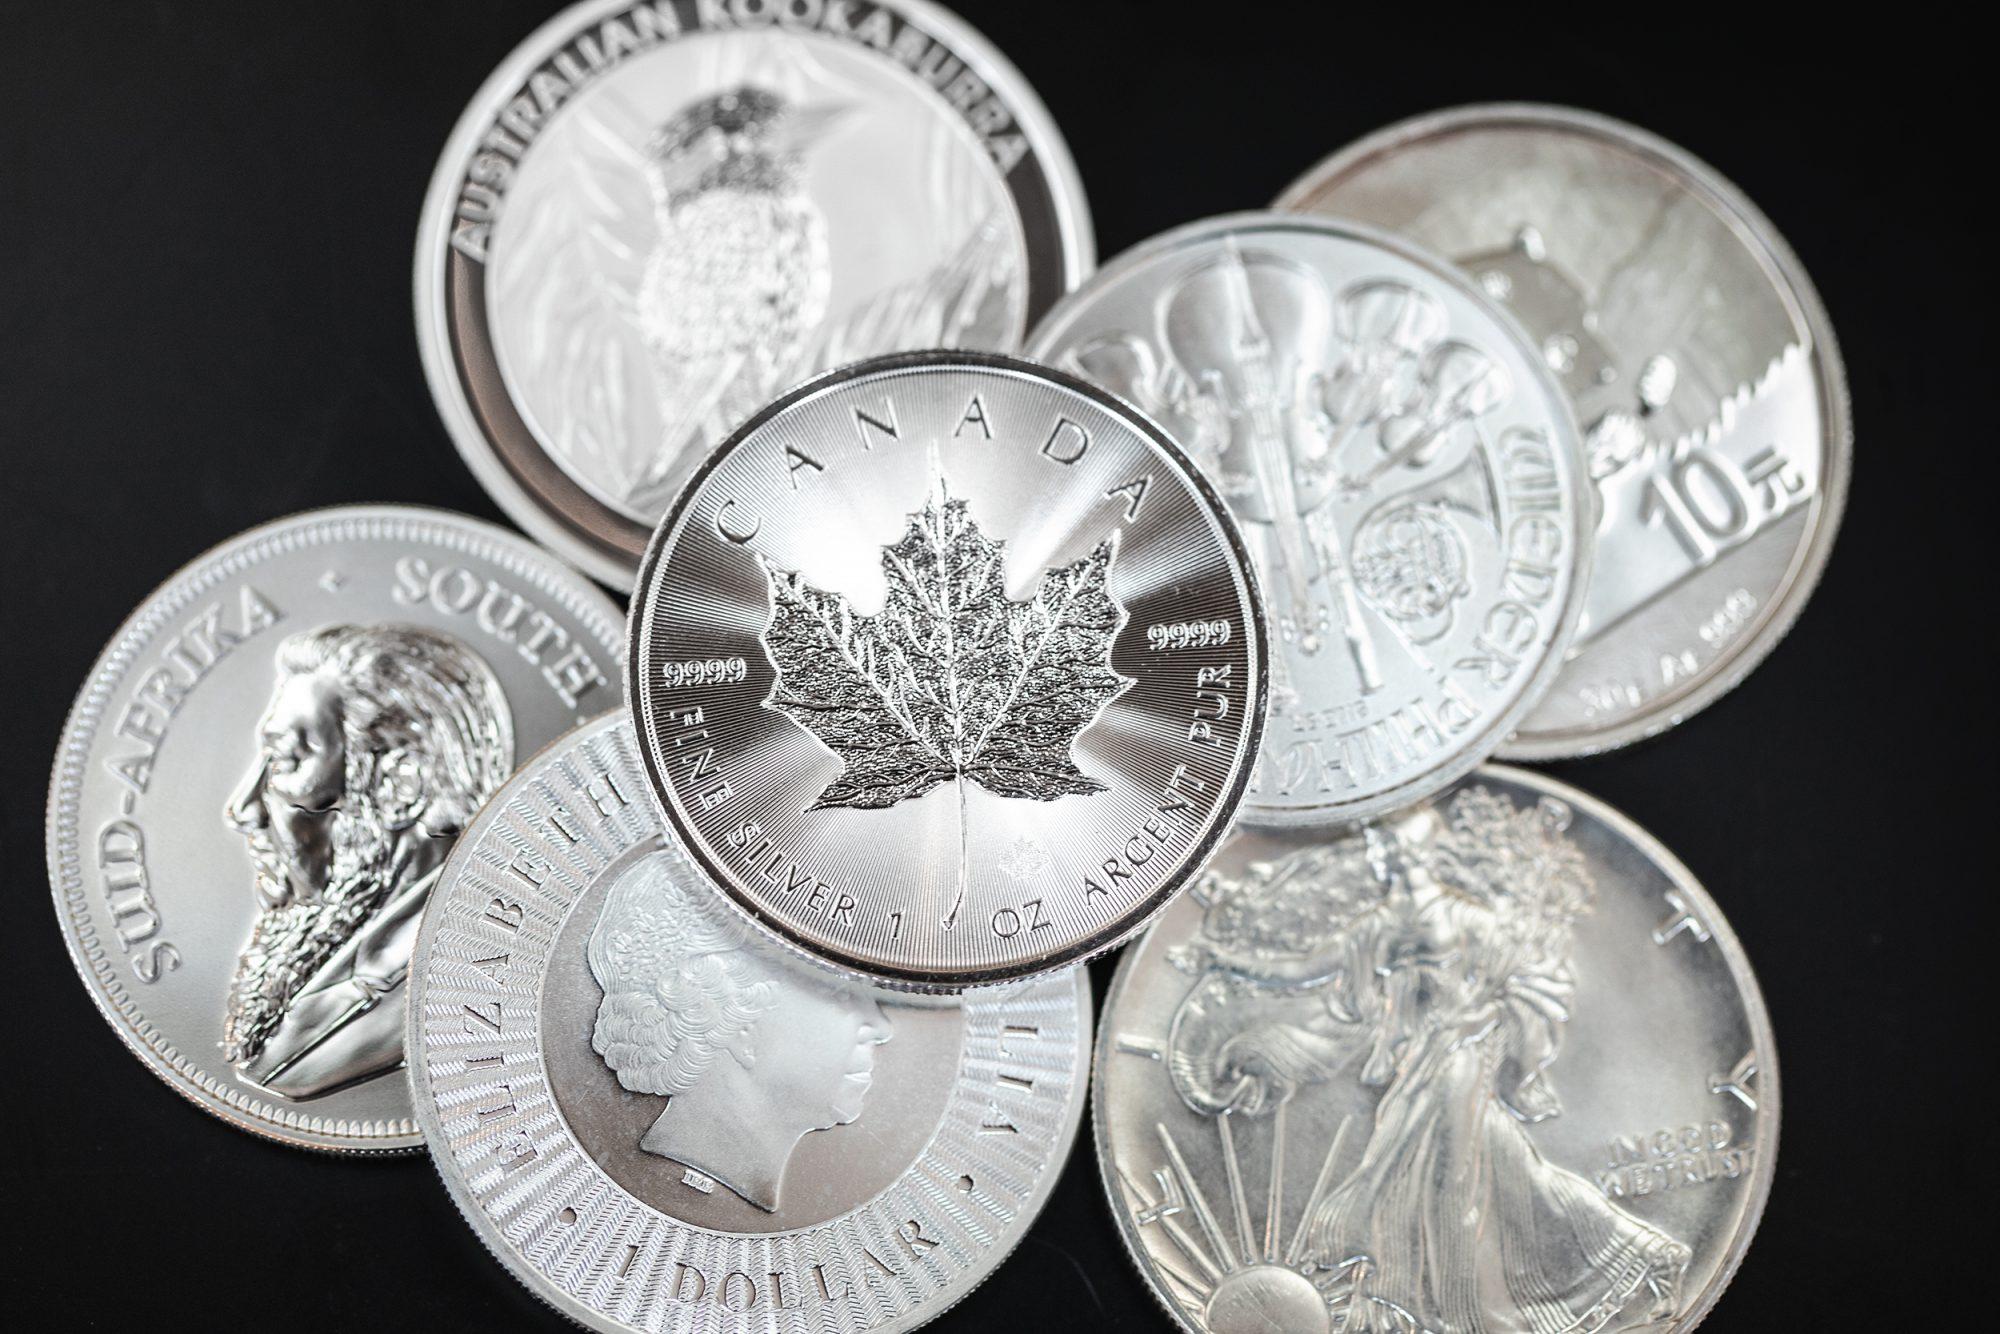 Komplettes Angebot an Silbermünzen